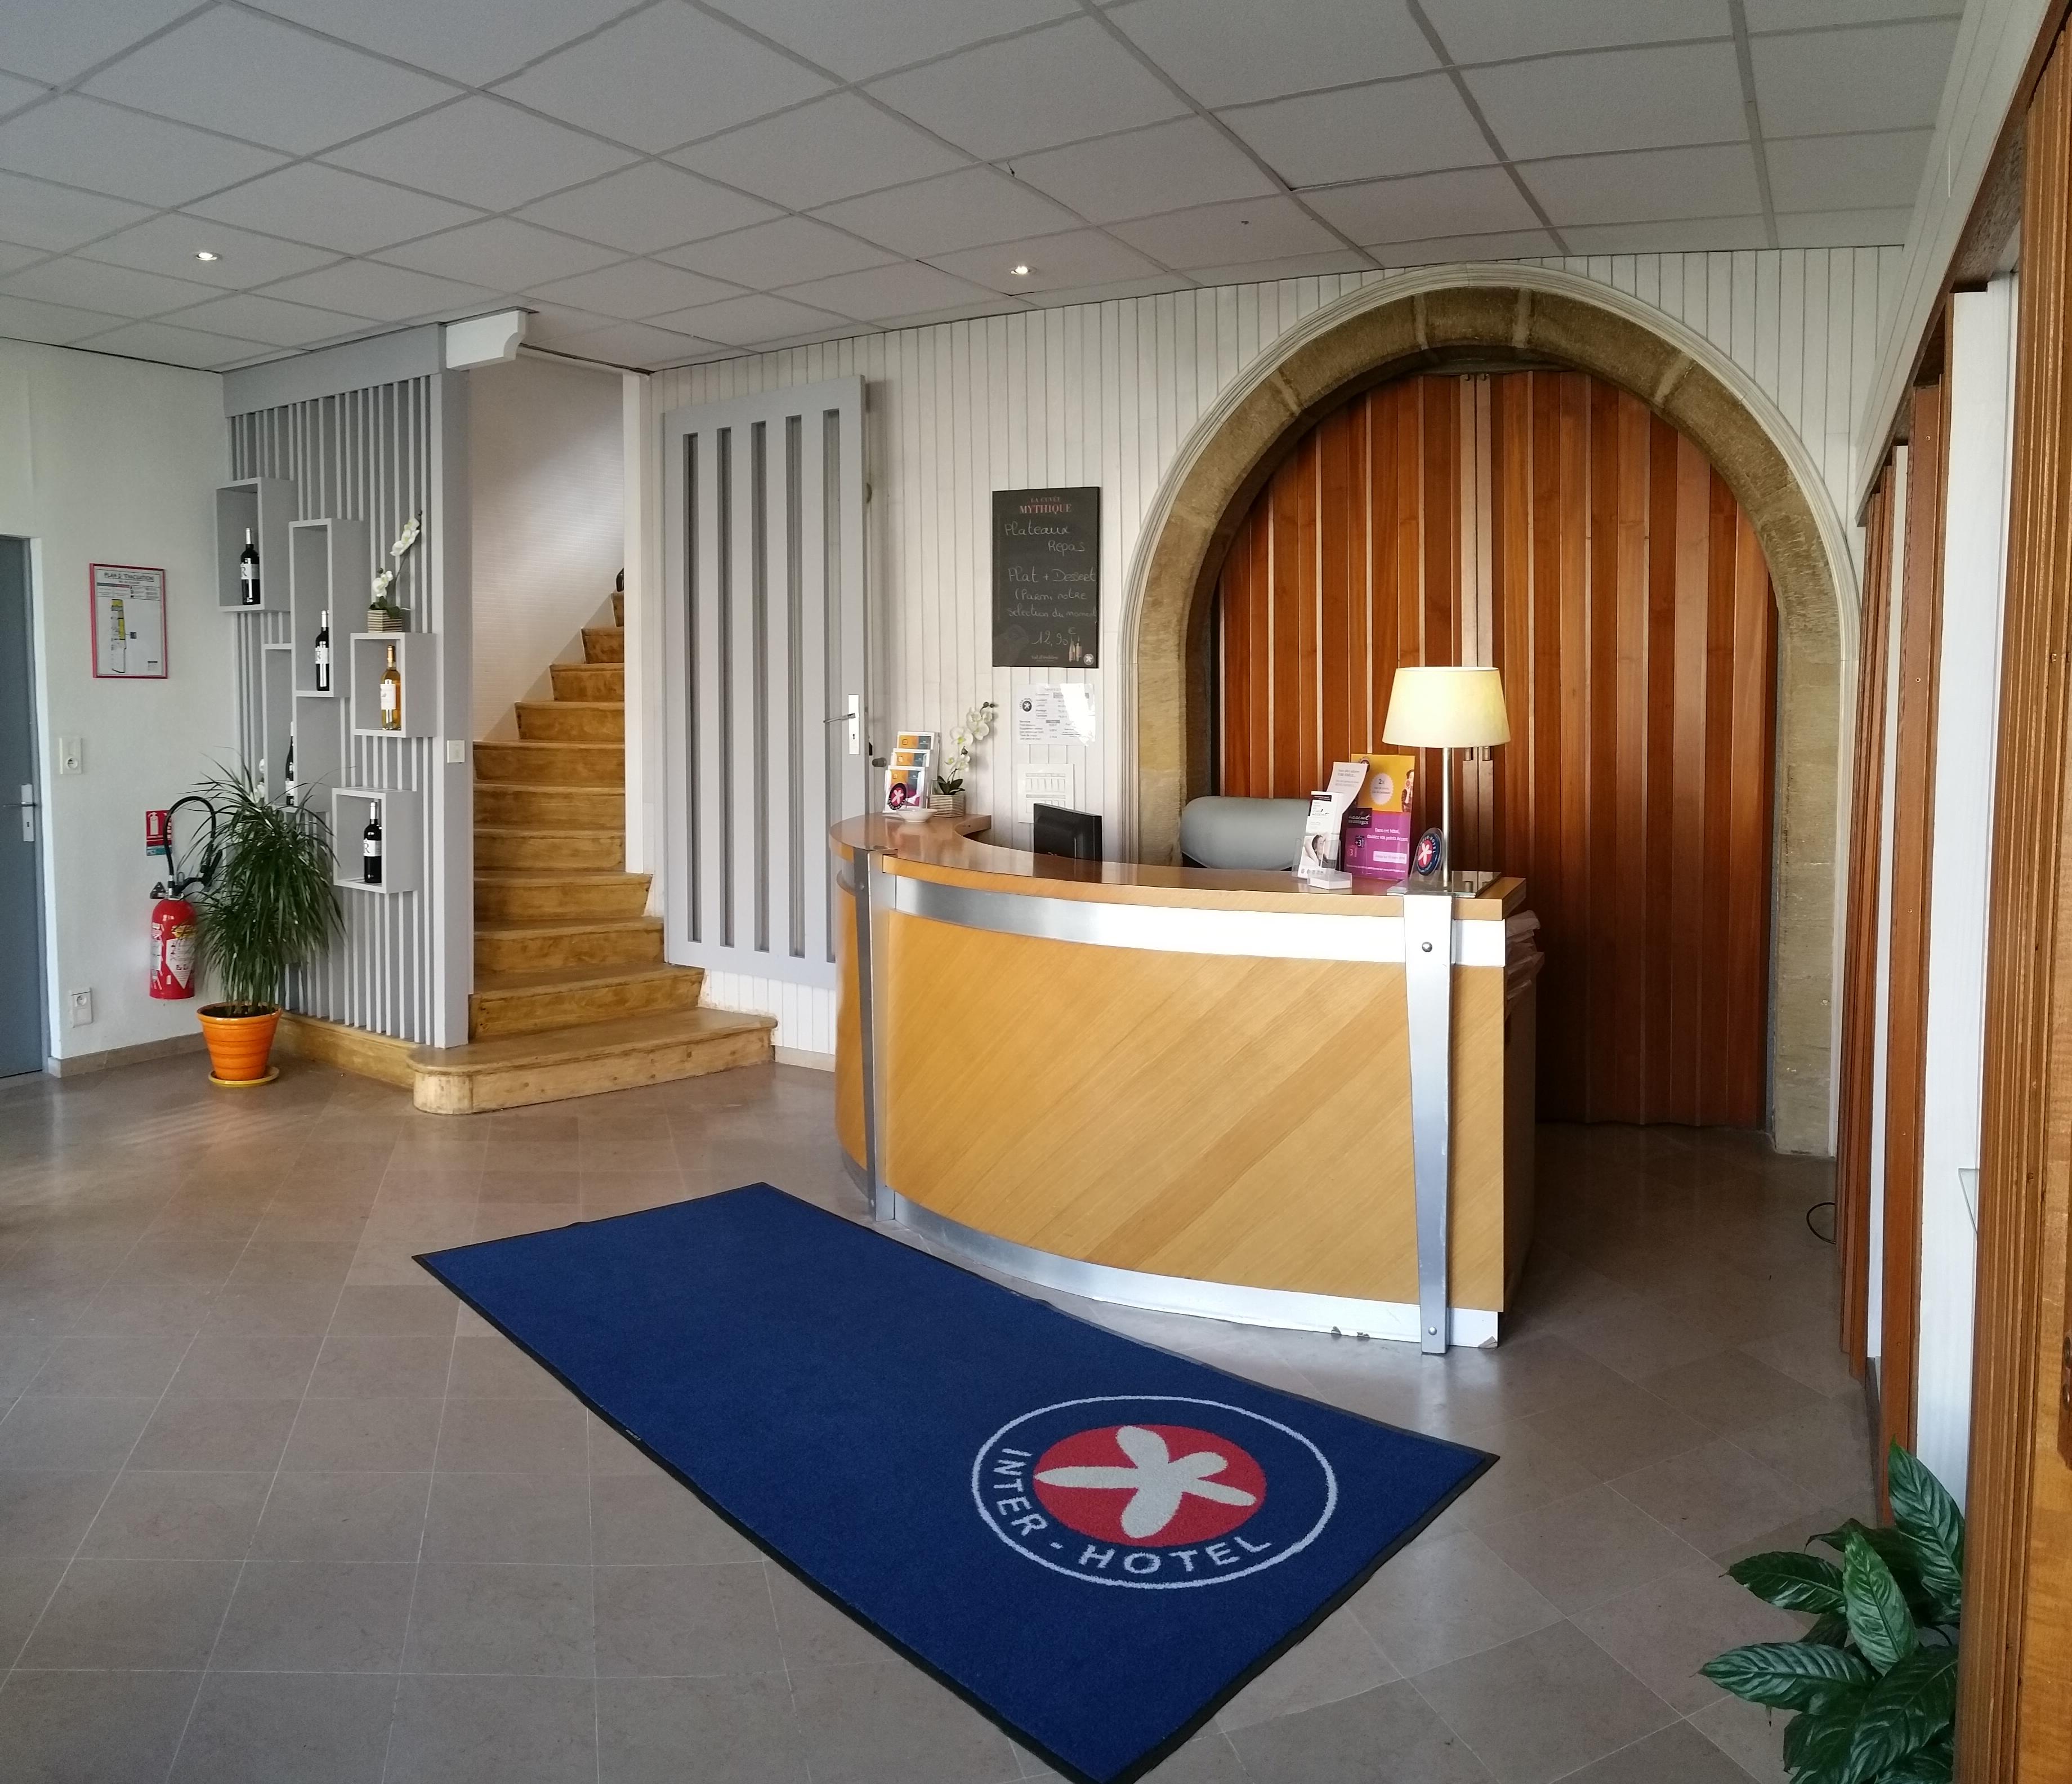 The Originals Access, Hôtel Figeac, Lot